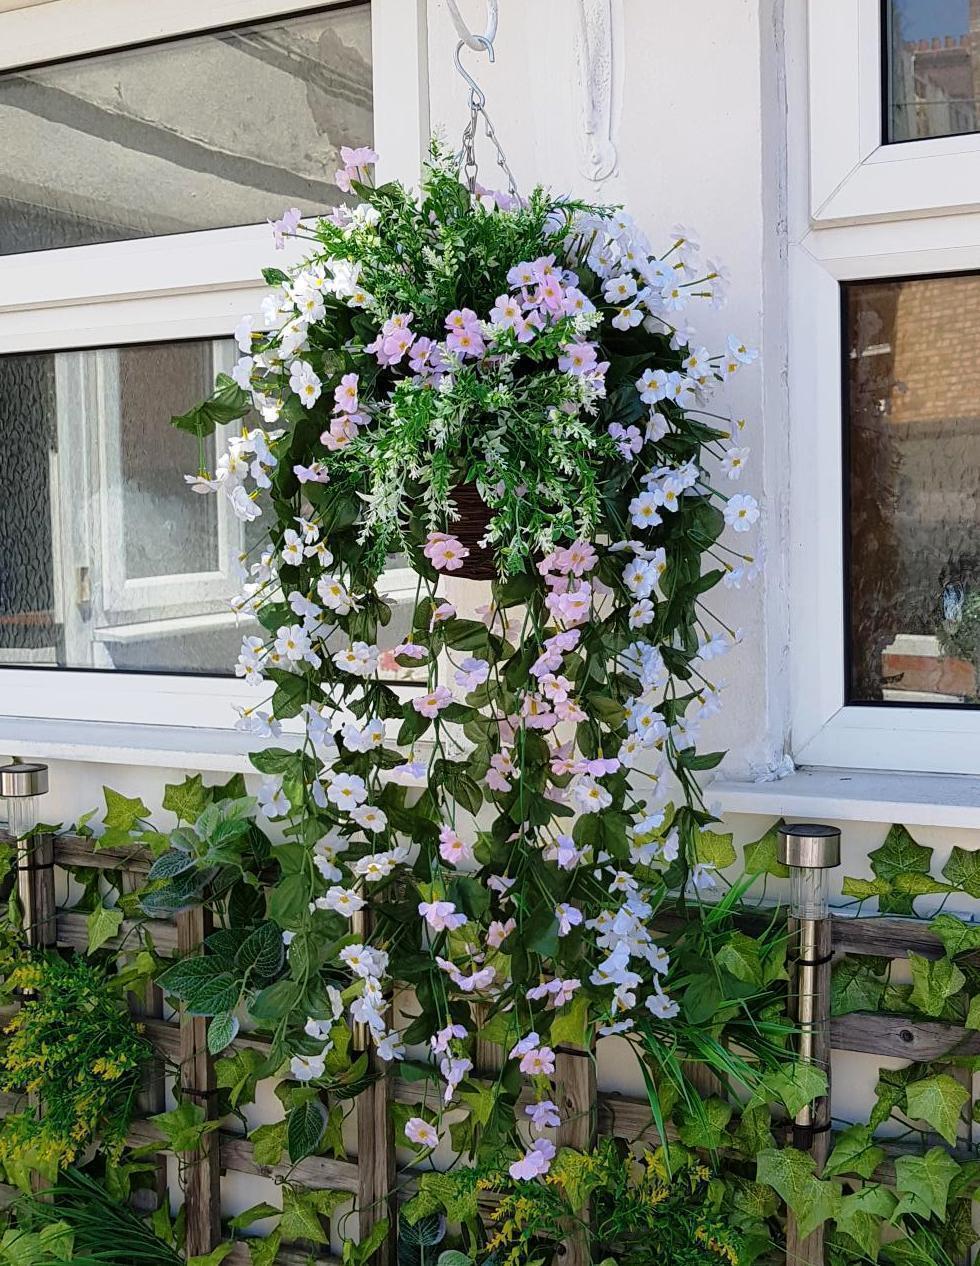 90 Cm Artificiel Panier Suspendu prêt à accrocher fleurs feuille Plantes de lierre Fern Plantes feuille Blanc f83482